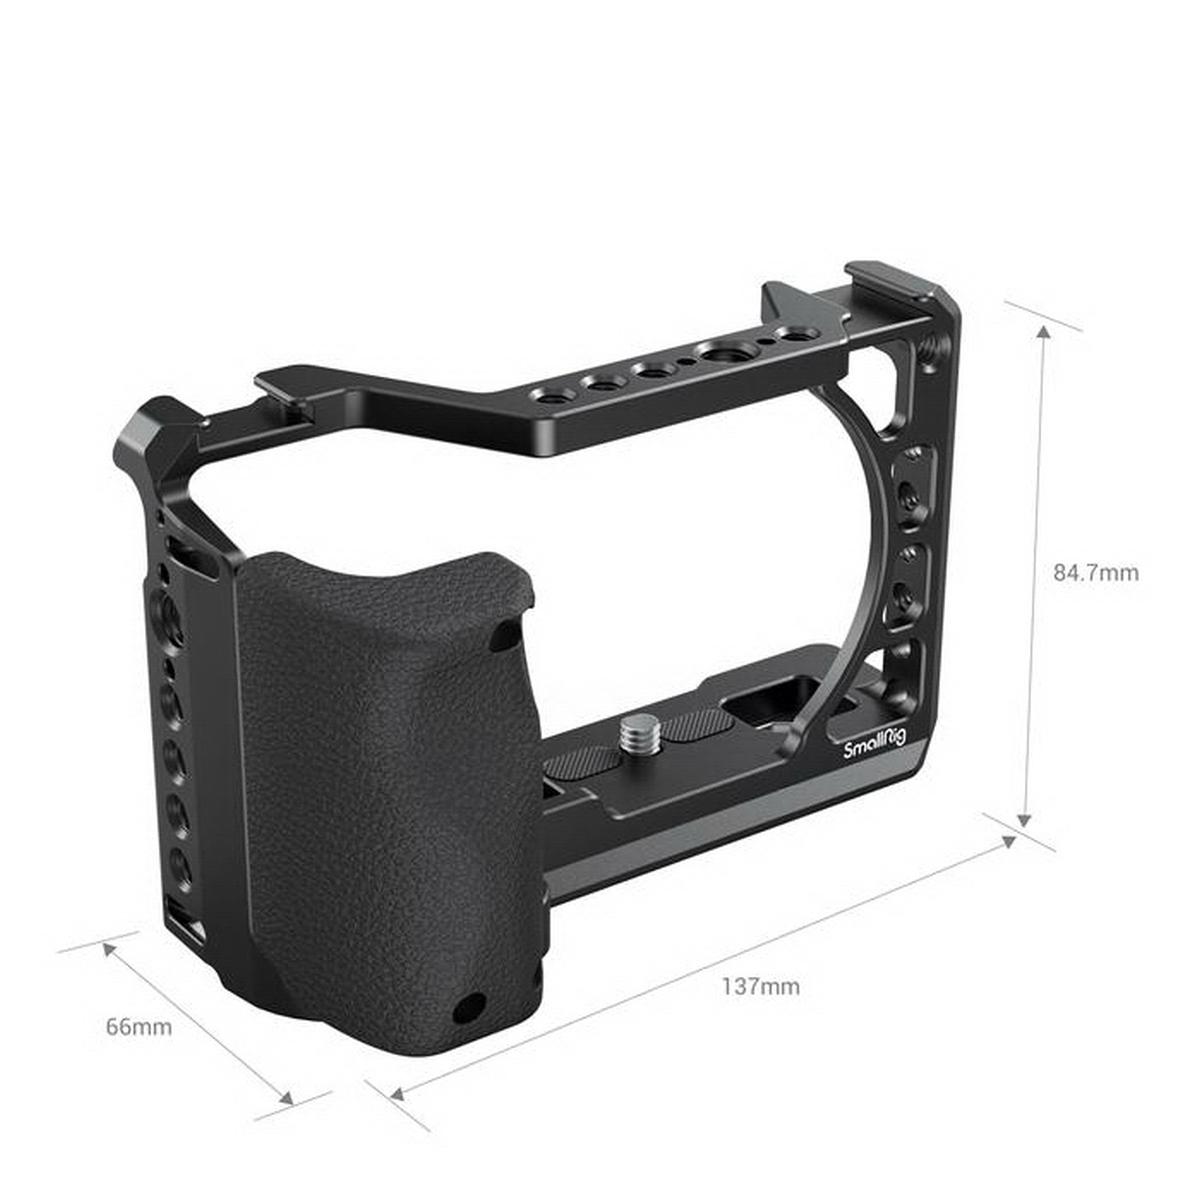 Smallrig Cage mit Handgriff für Sony A 6100 / 6300 / 6400 3164